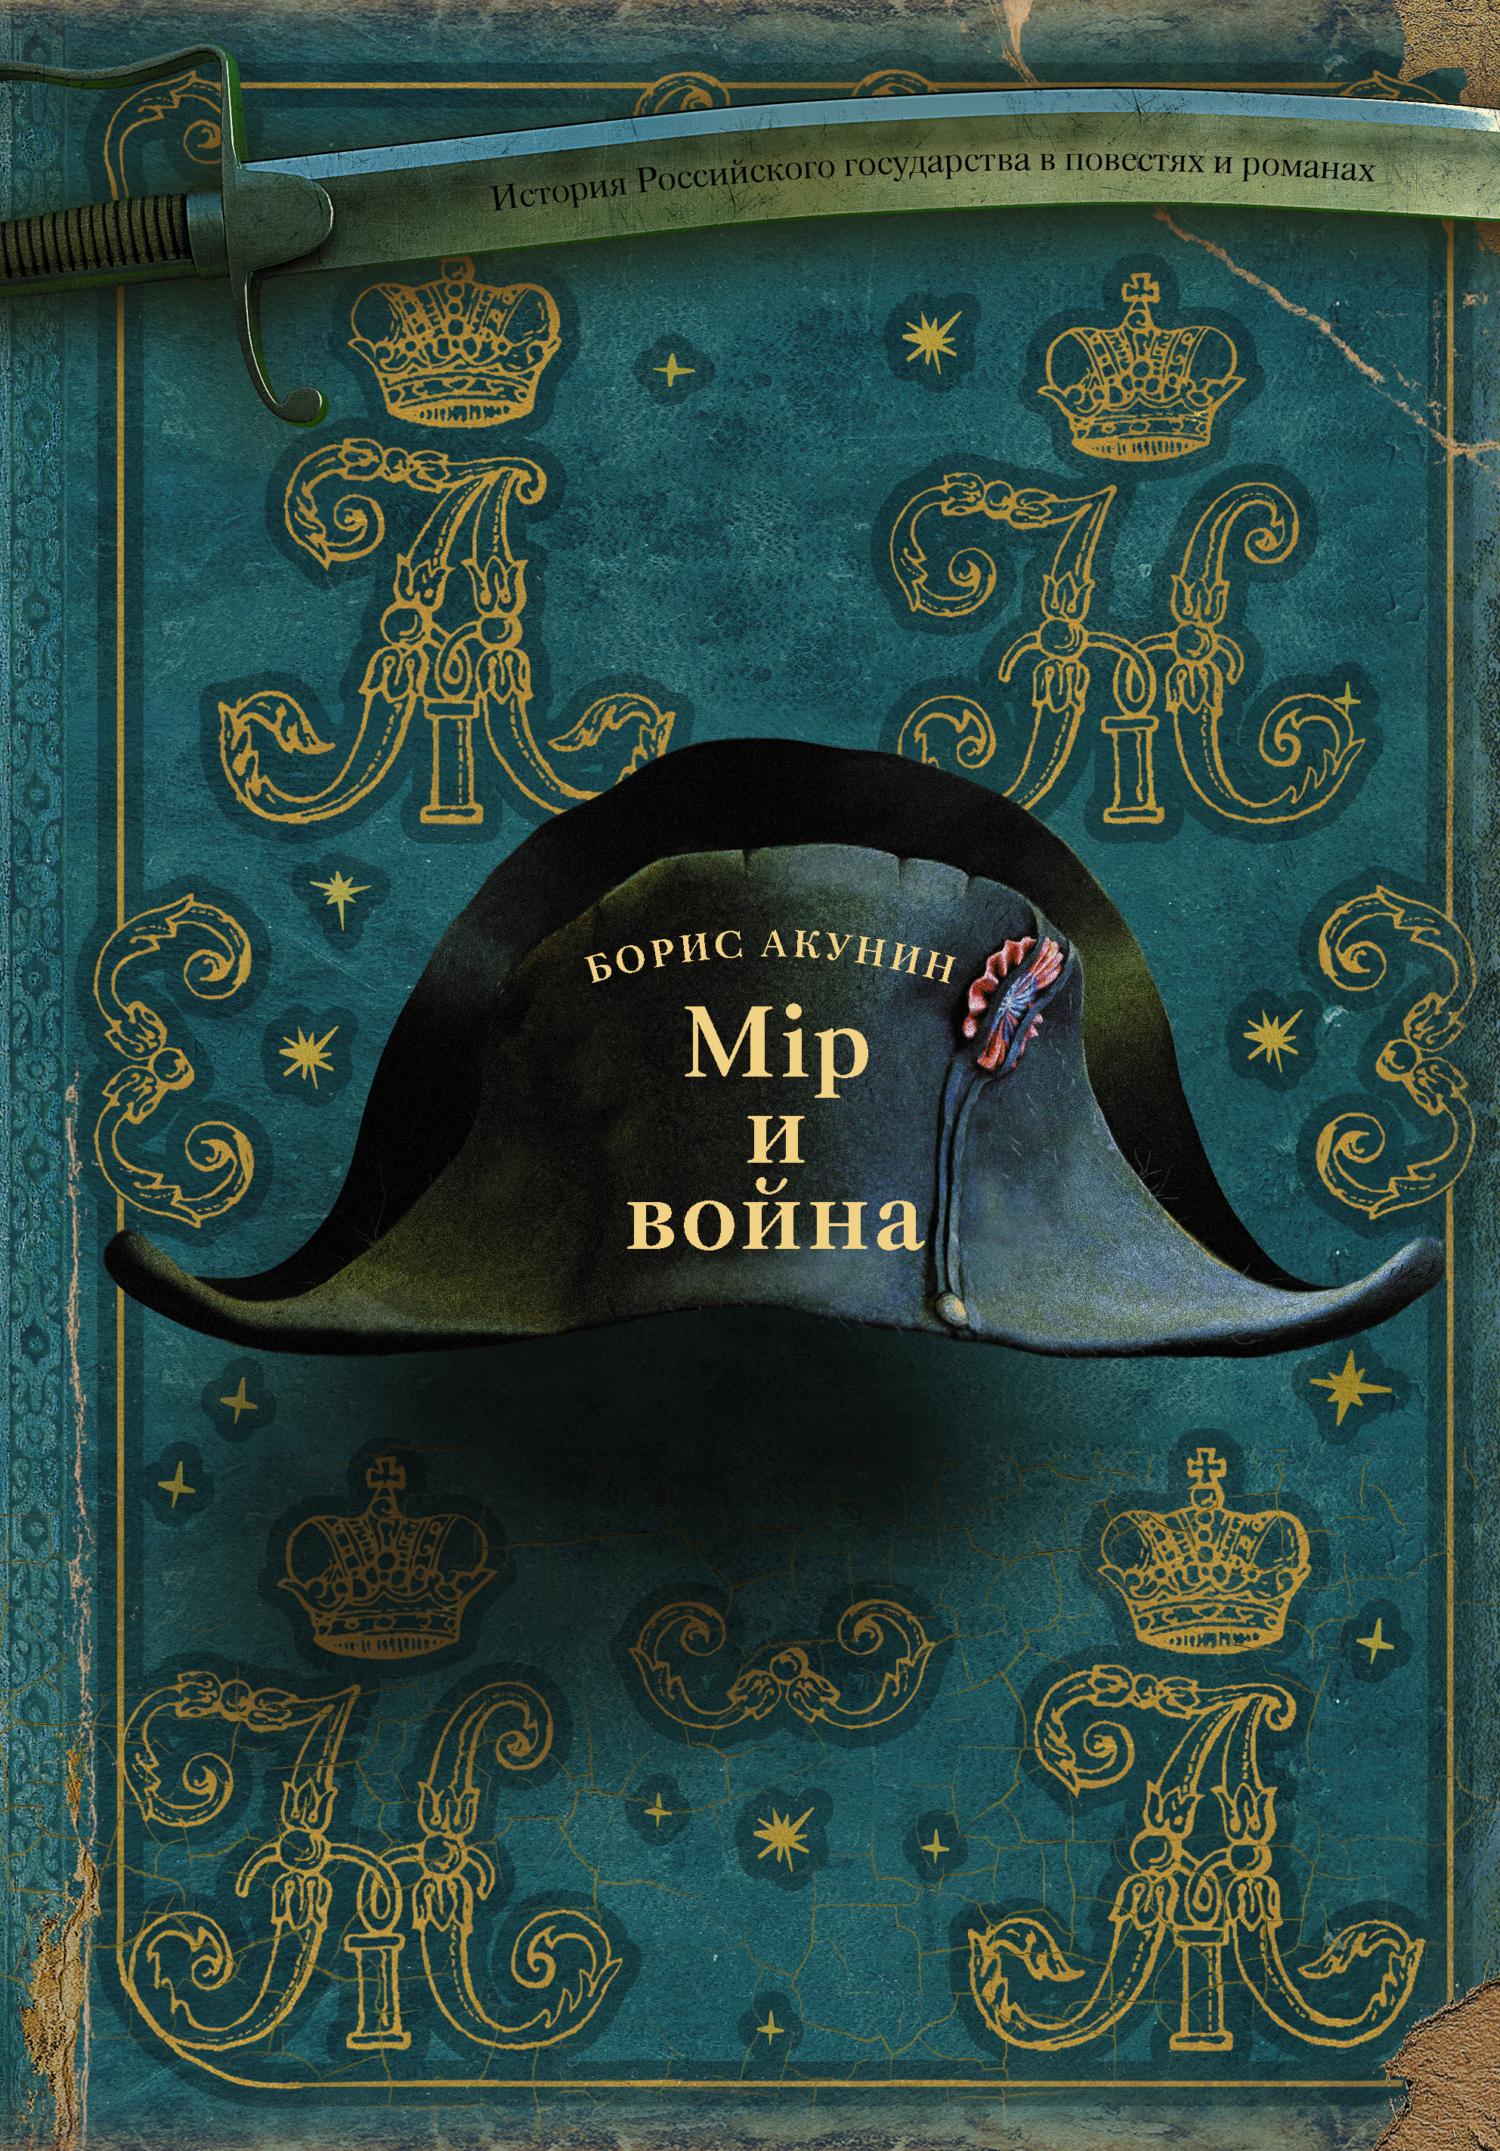 Борис Акунин - Мир и война